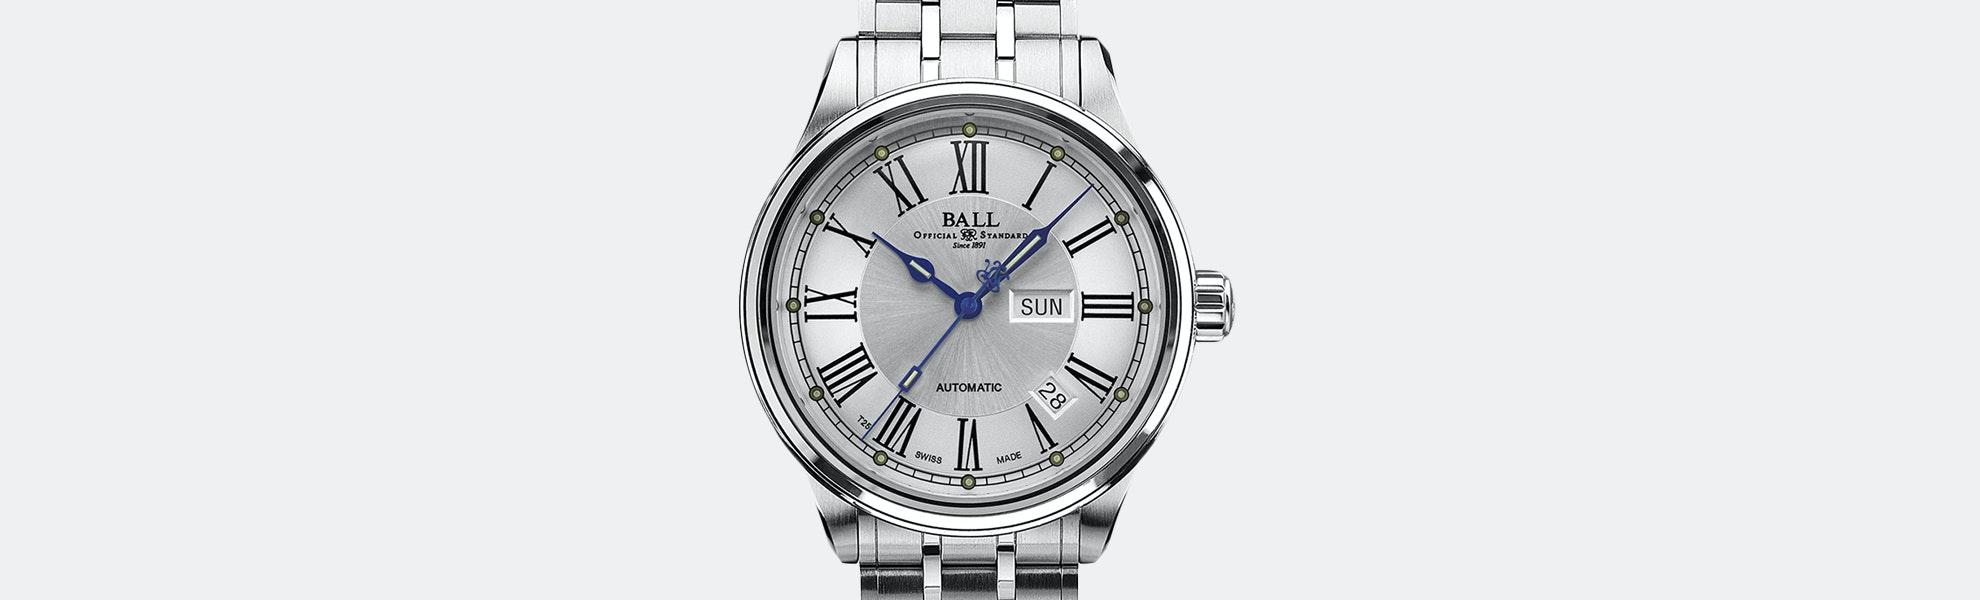 Ball Trainmaster Roman Automatic Watch